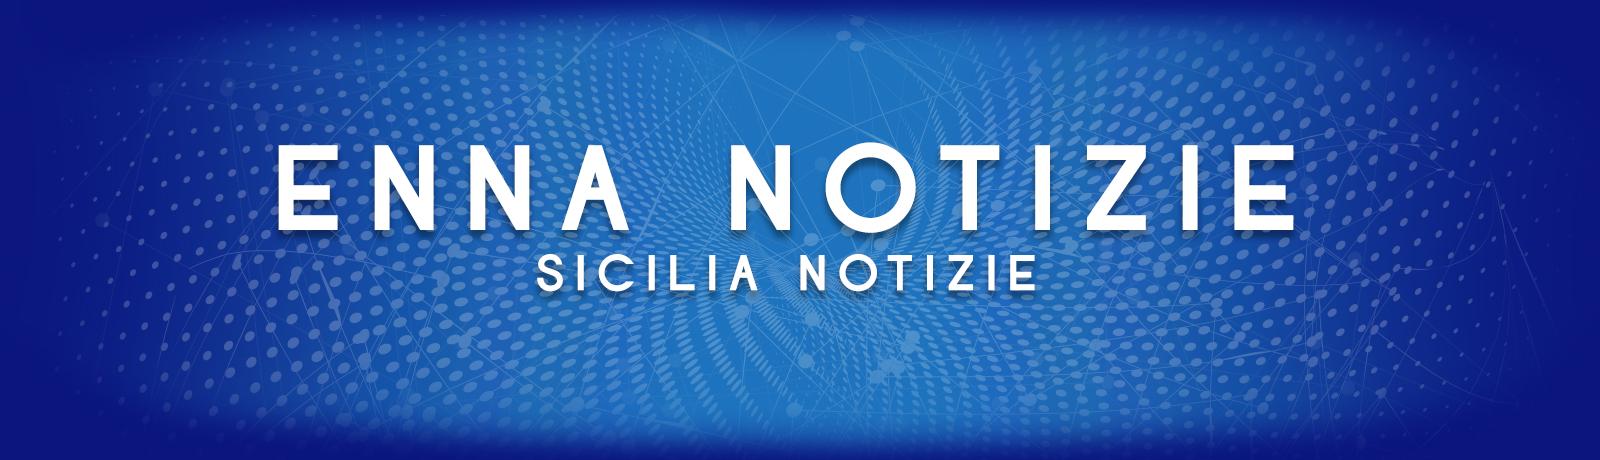 EnnaNotizie SiciliaNotizie